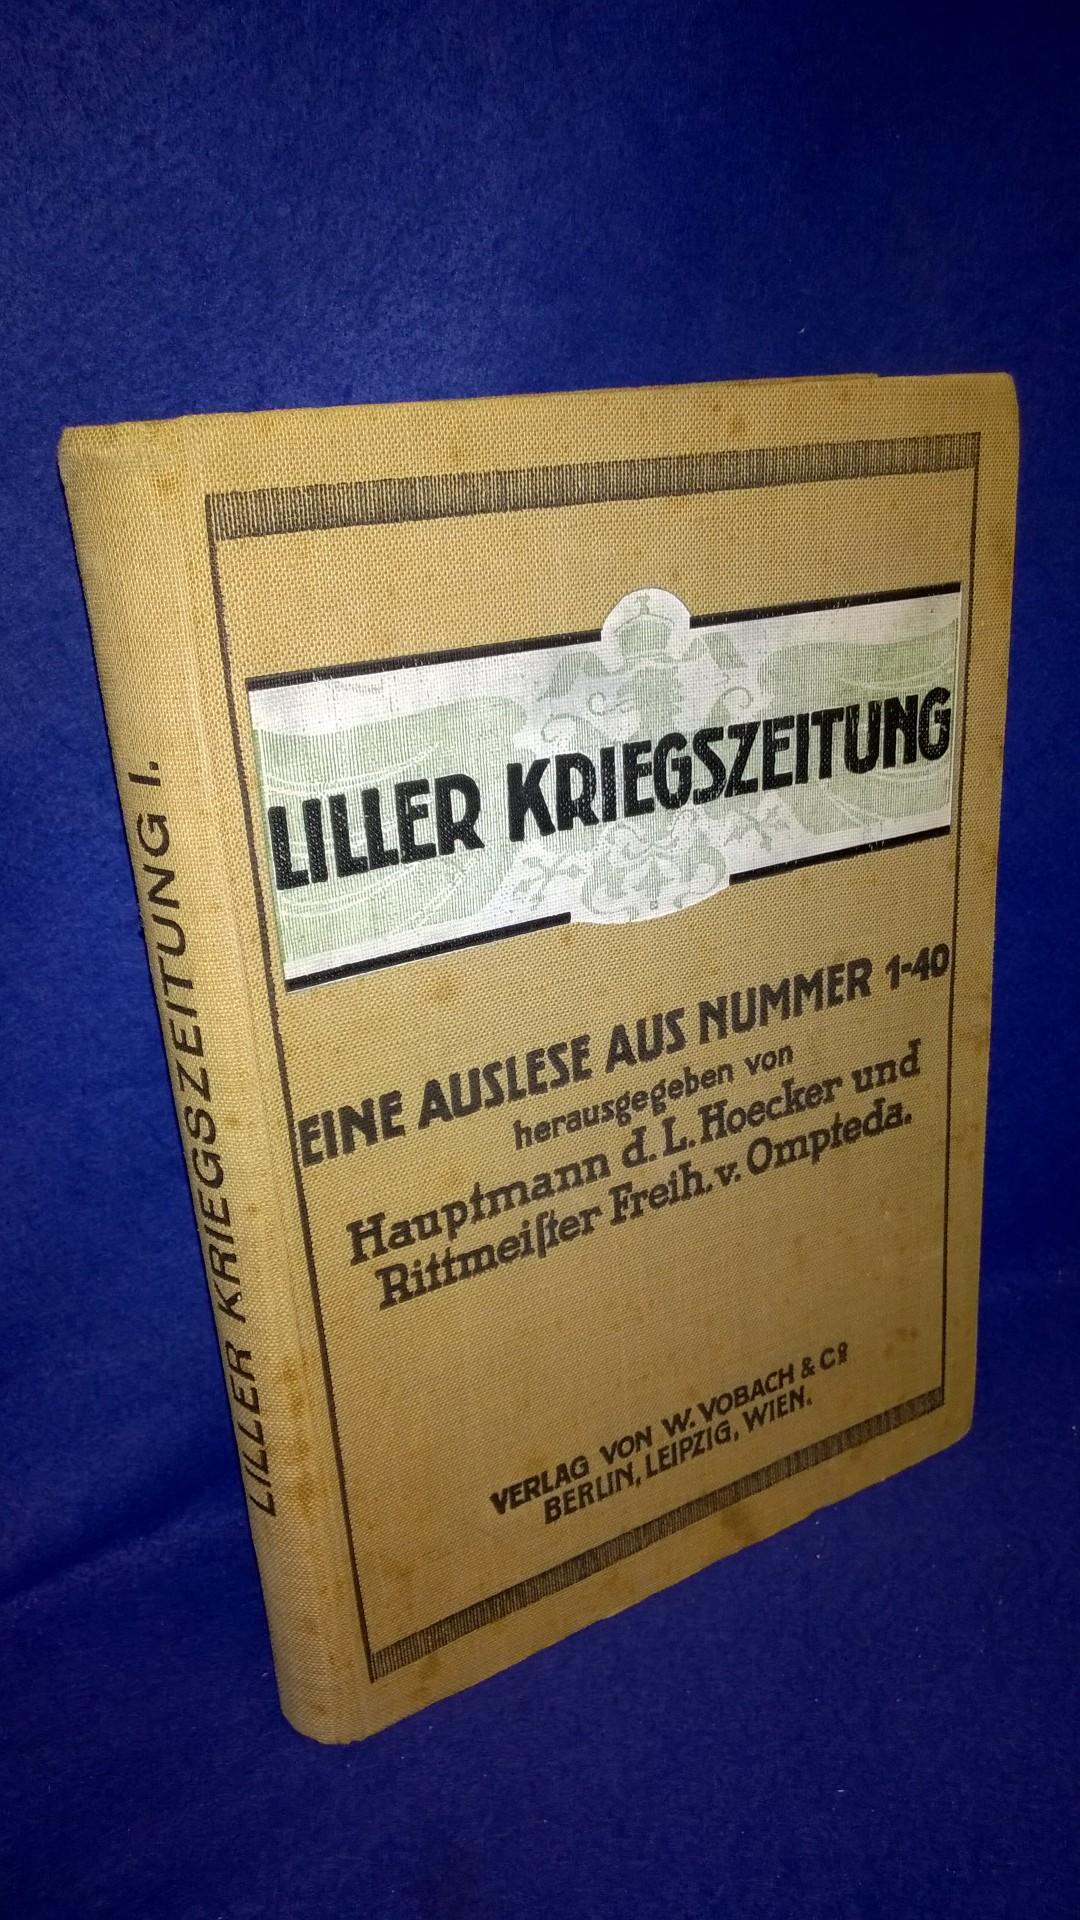 Liller Kriegszeitung. Eine Auslese aus Nummer 1-40.